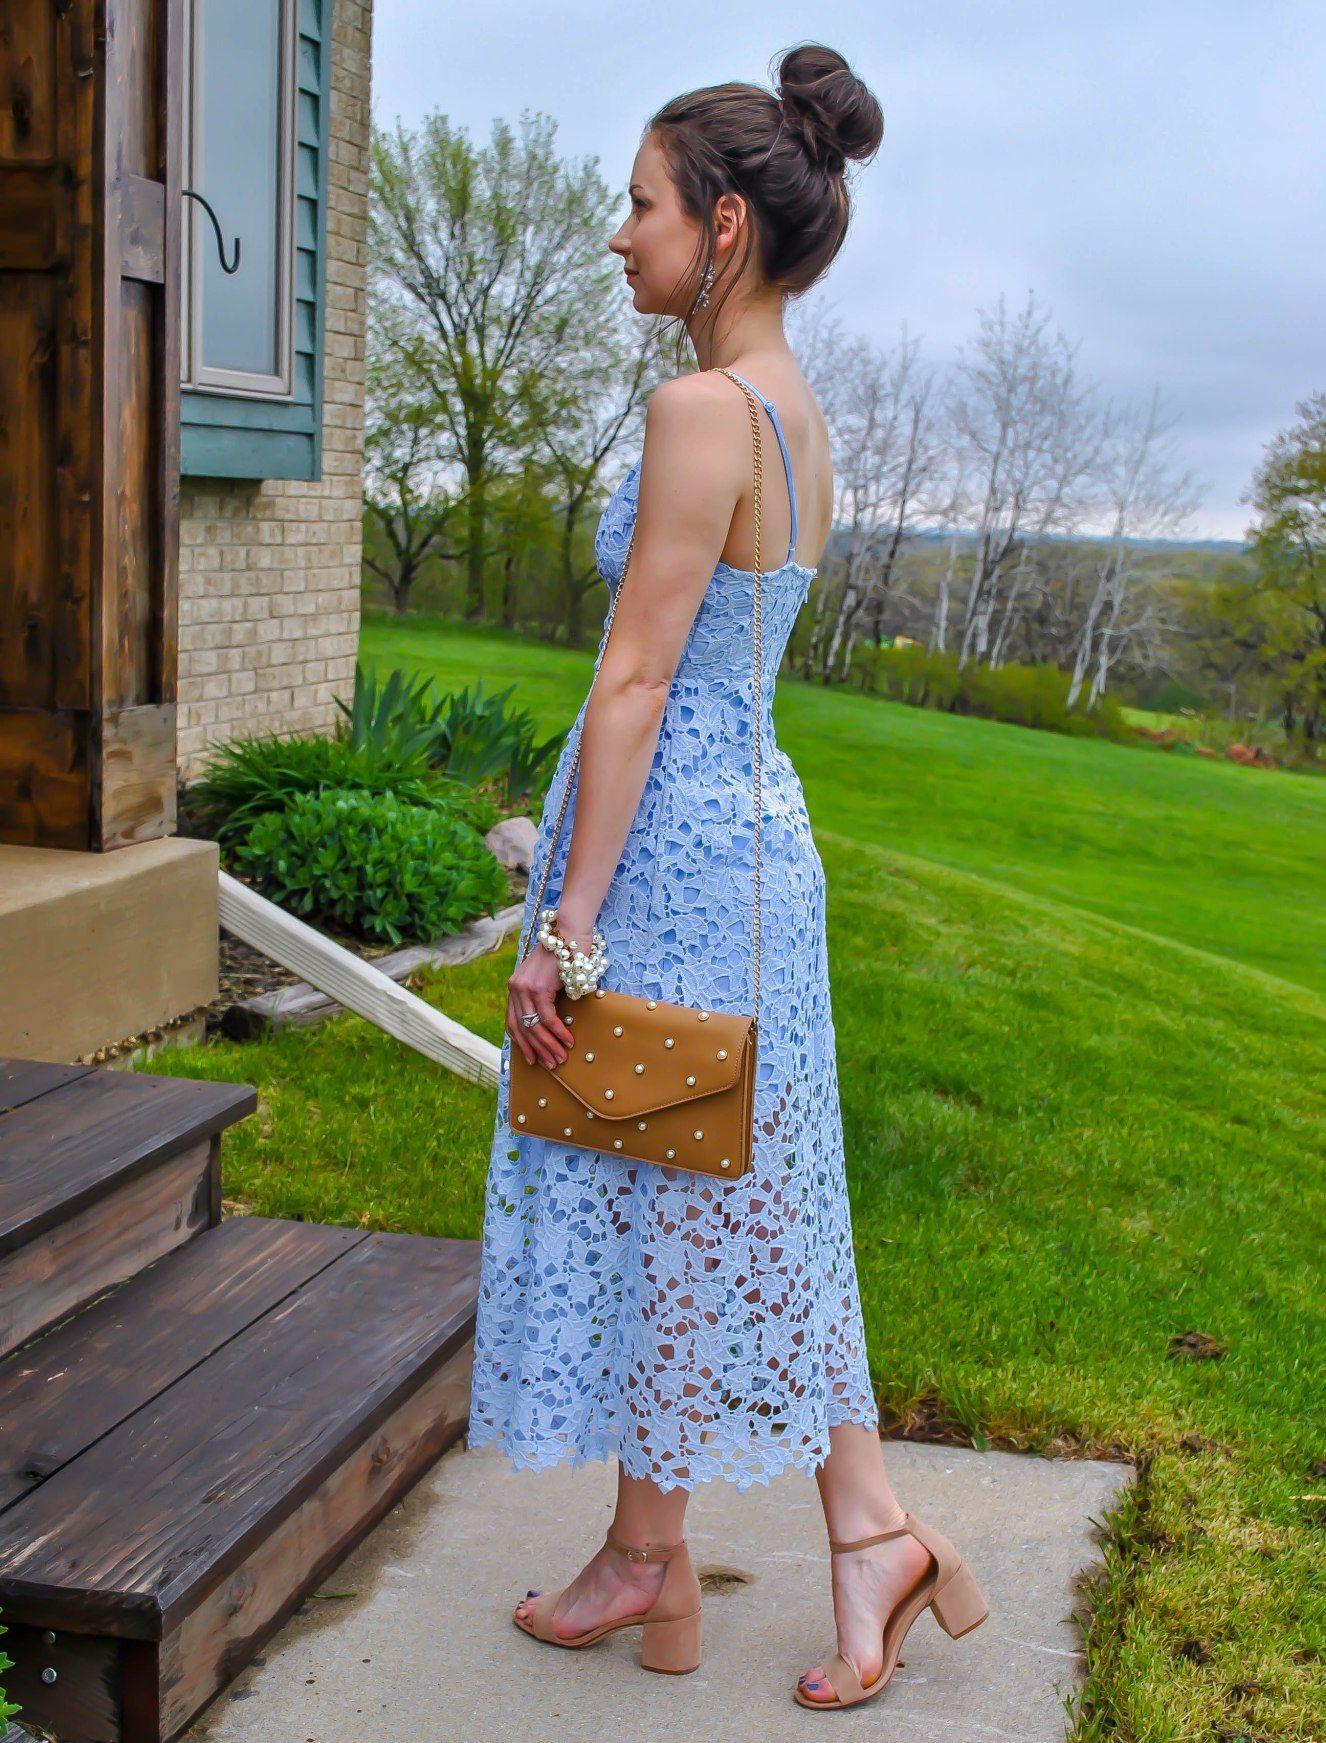 62b0c0718c73 ASTR The Label Lace Midi Dress Petite Review//Wedding Guest Attire Roundup